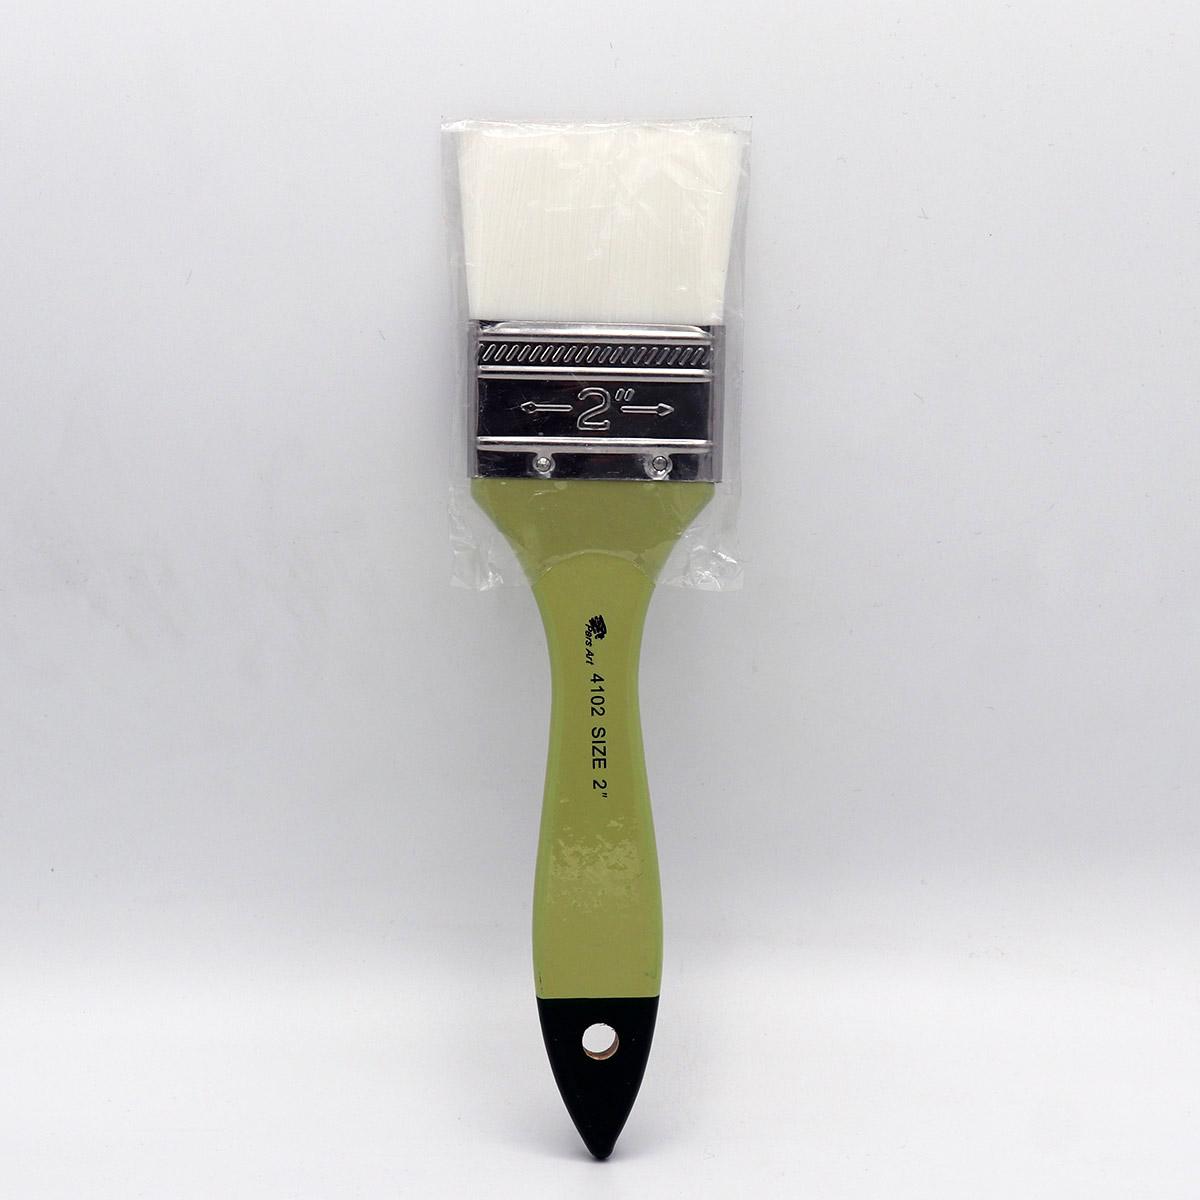 قلمو زمينه 4102 ش 2